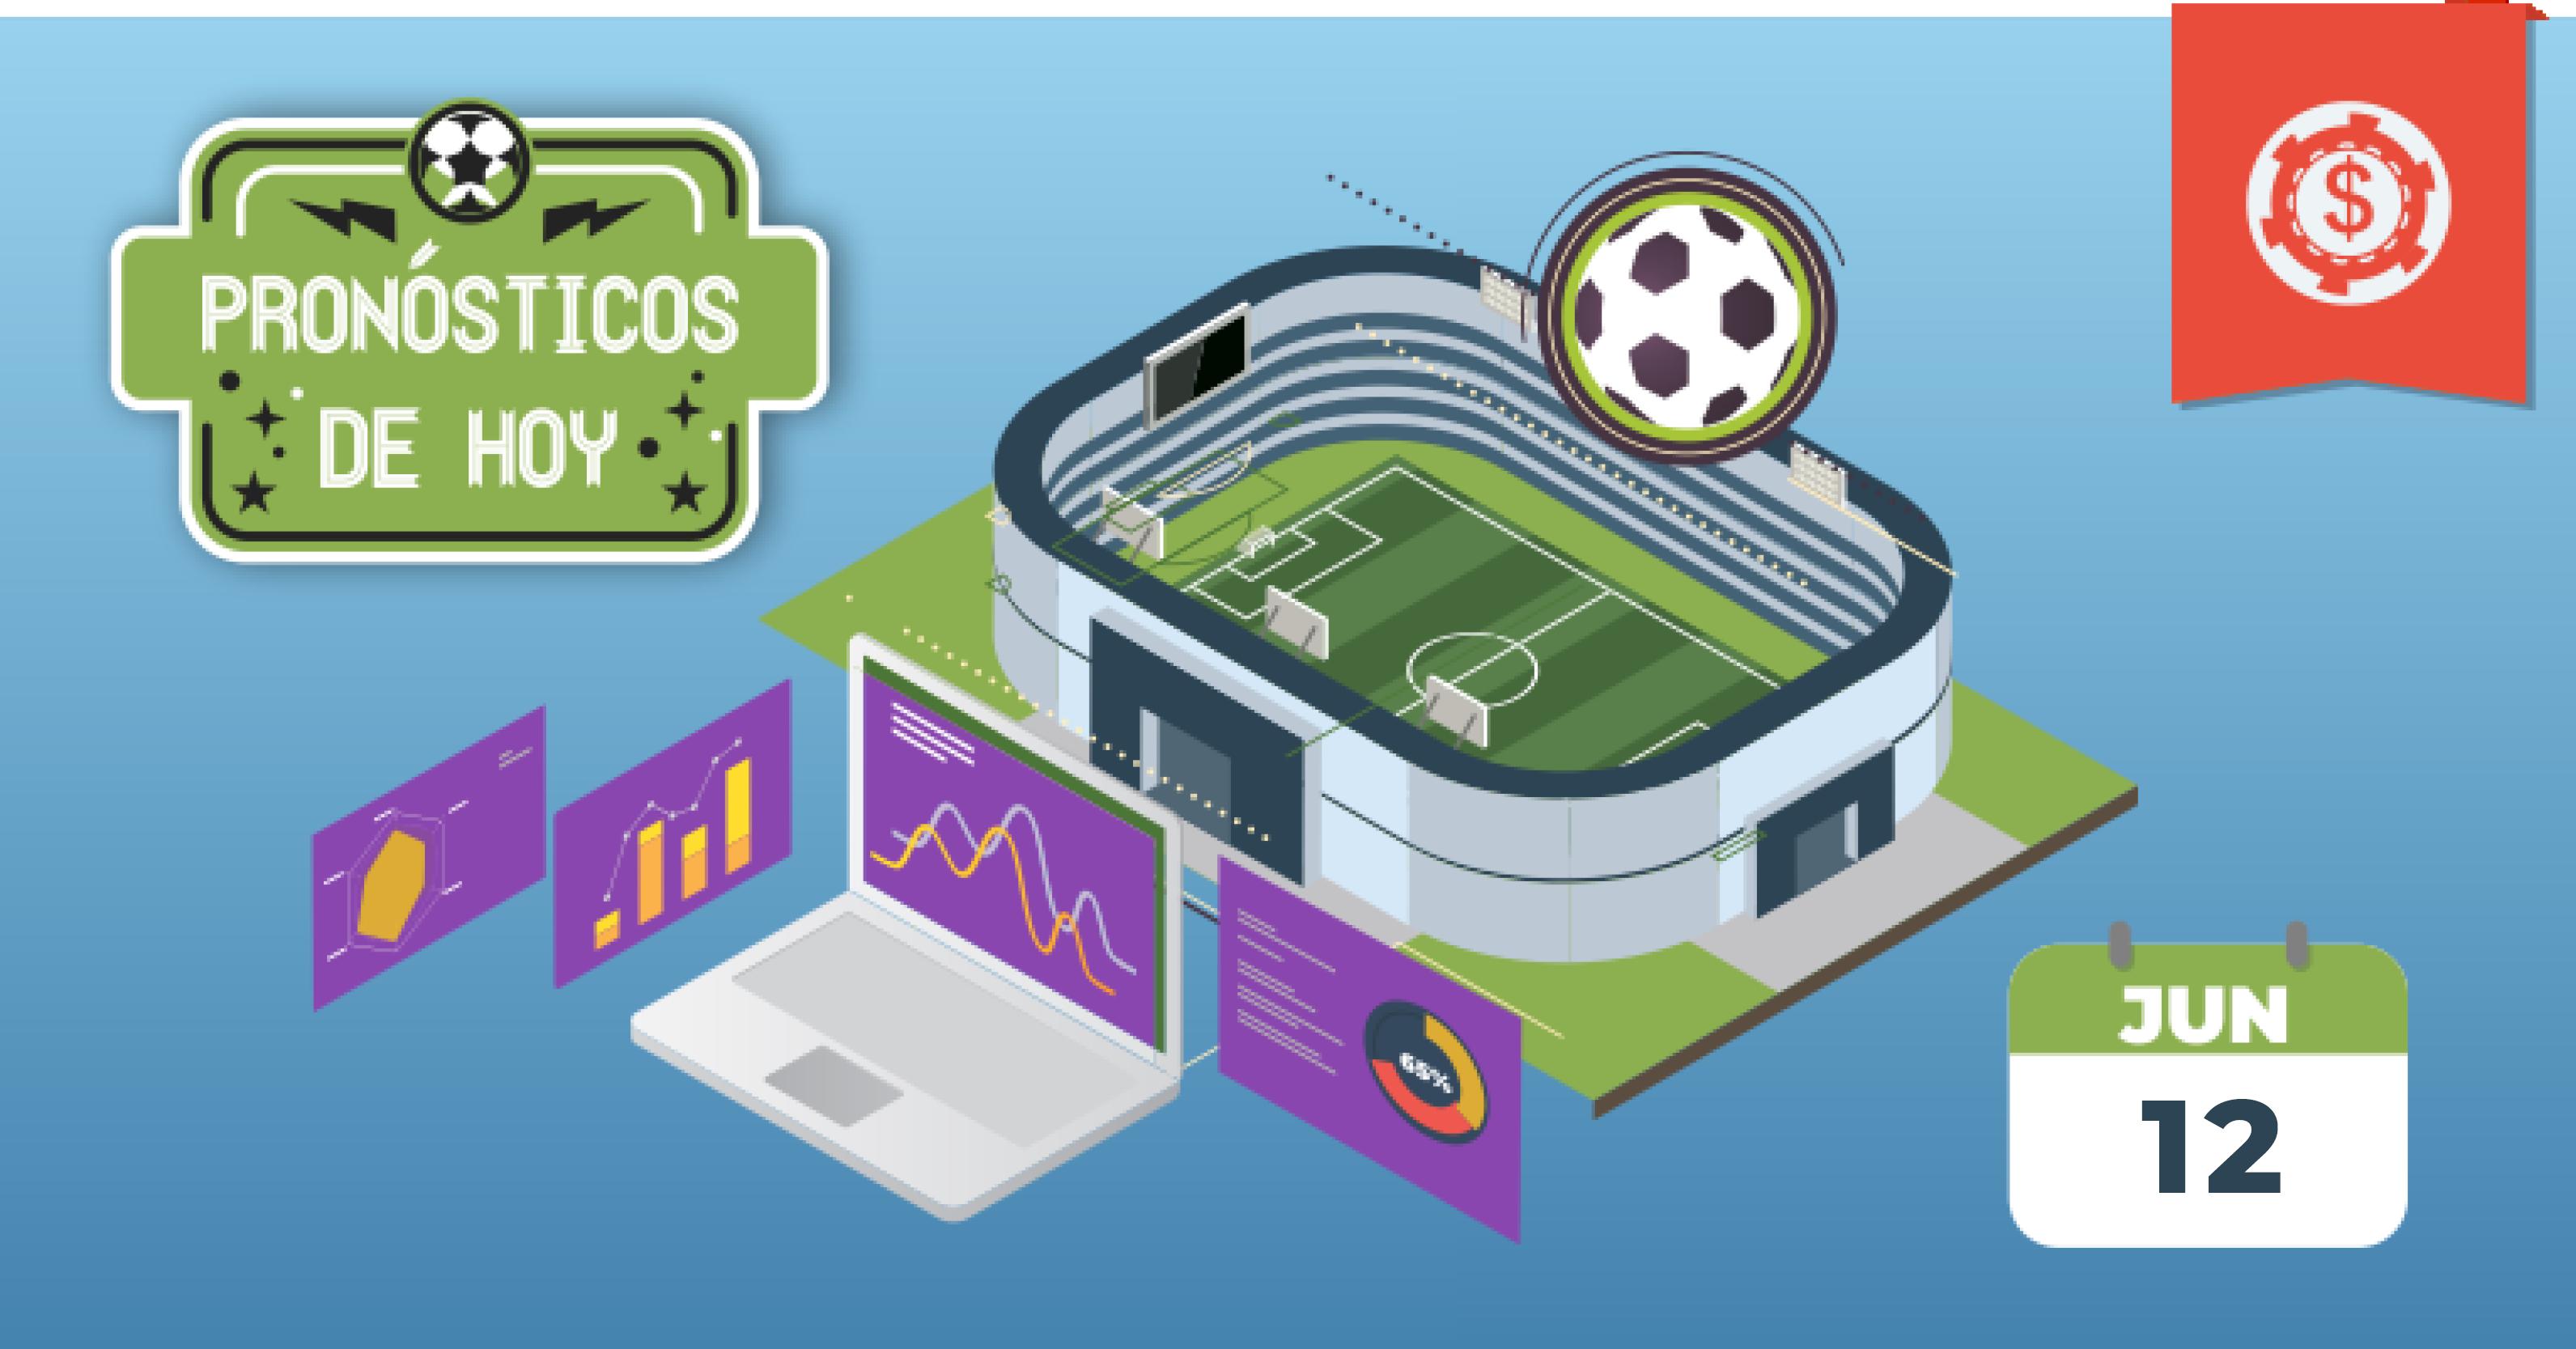 pronosticos-futbol-hoy-predicciones-12-junio-2019-1